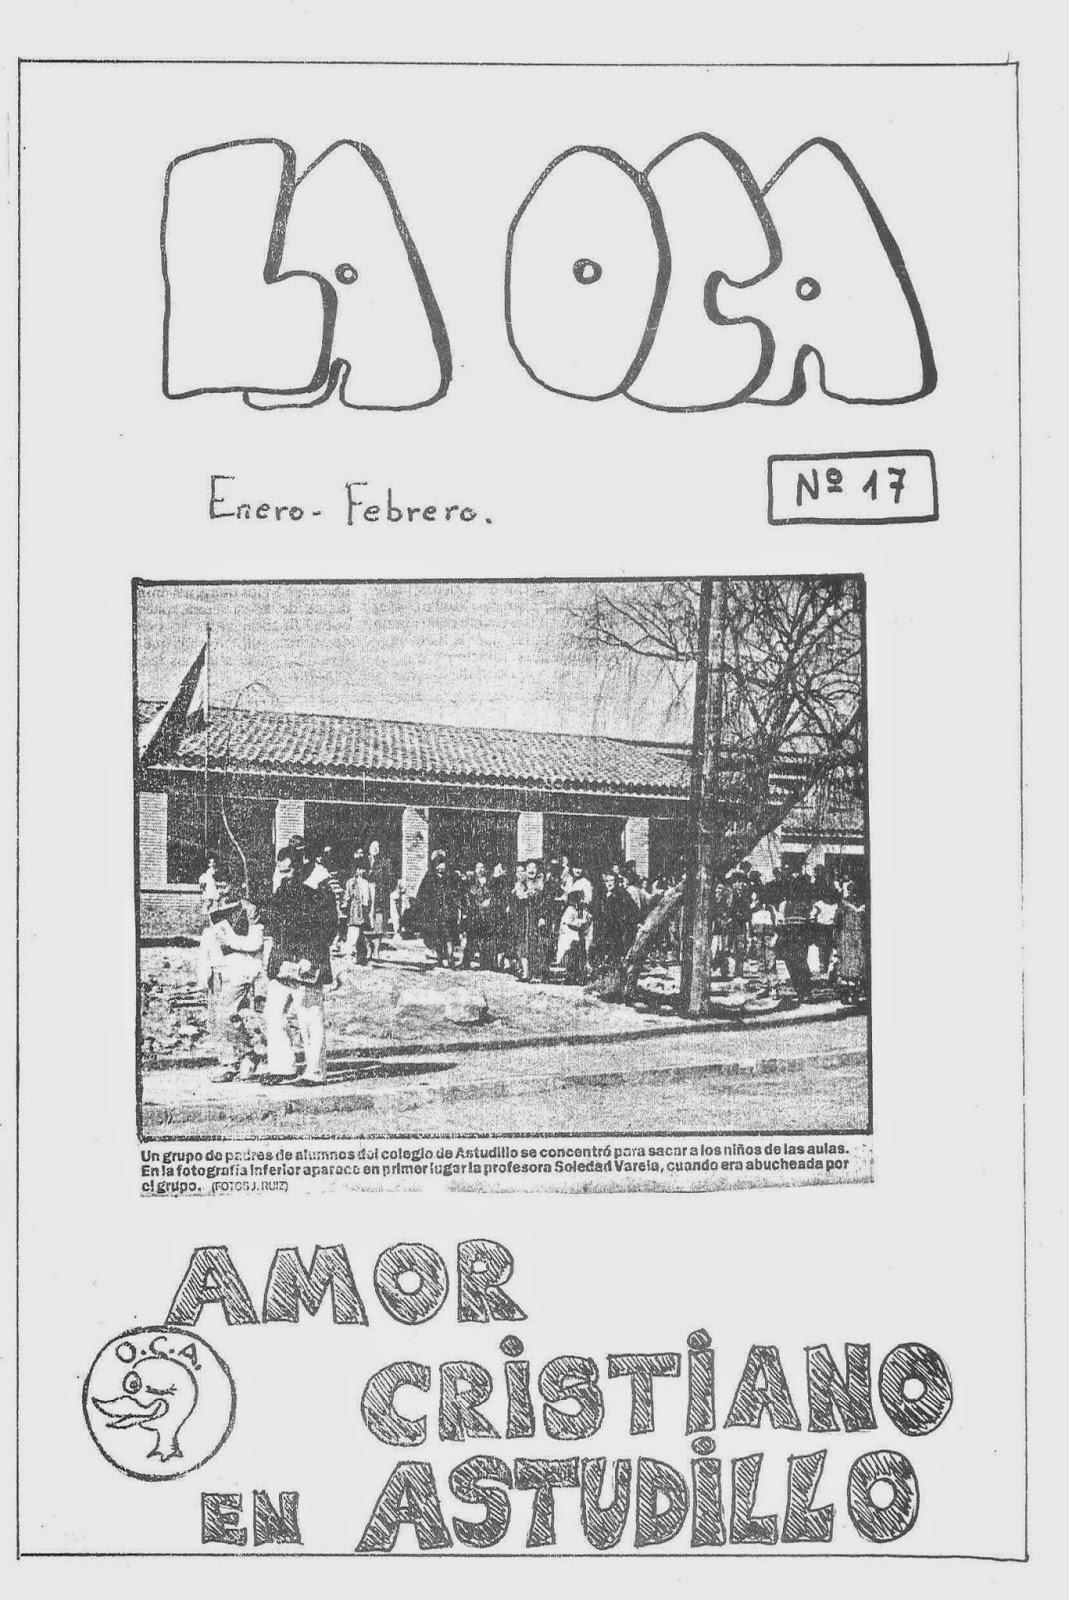 http://es.scribd.com/doc/223270524/La-Oca-n-17-Primavera-88